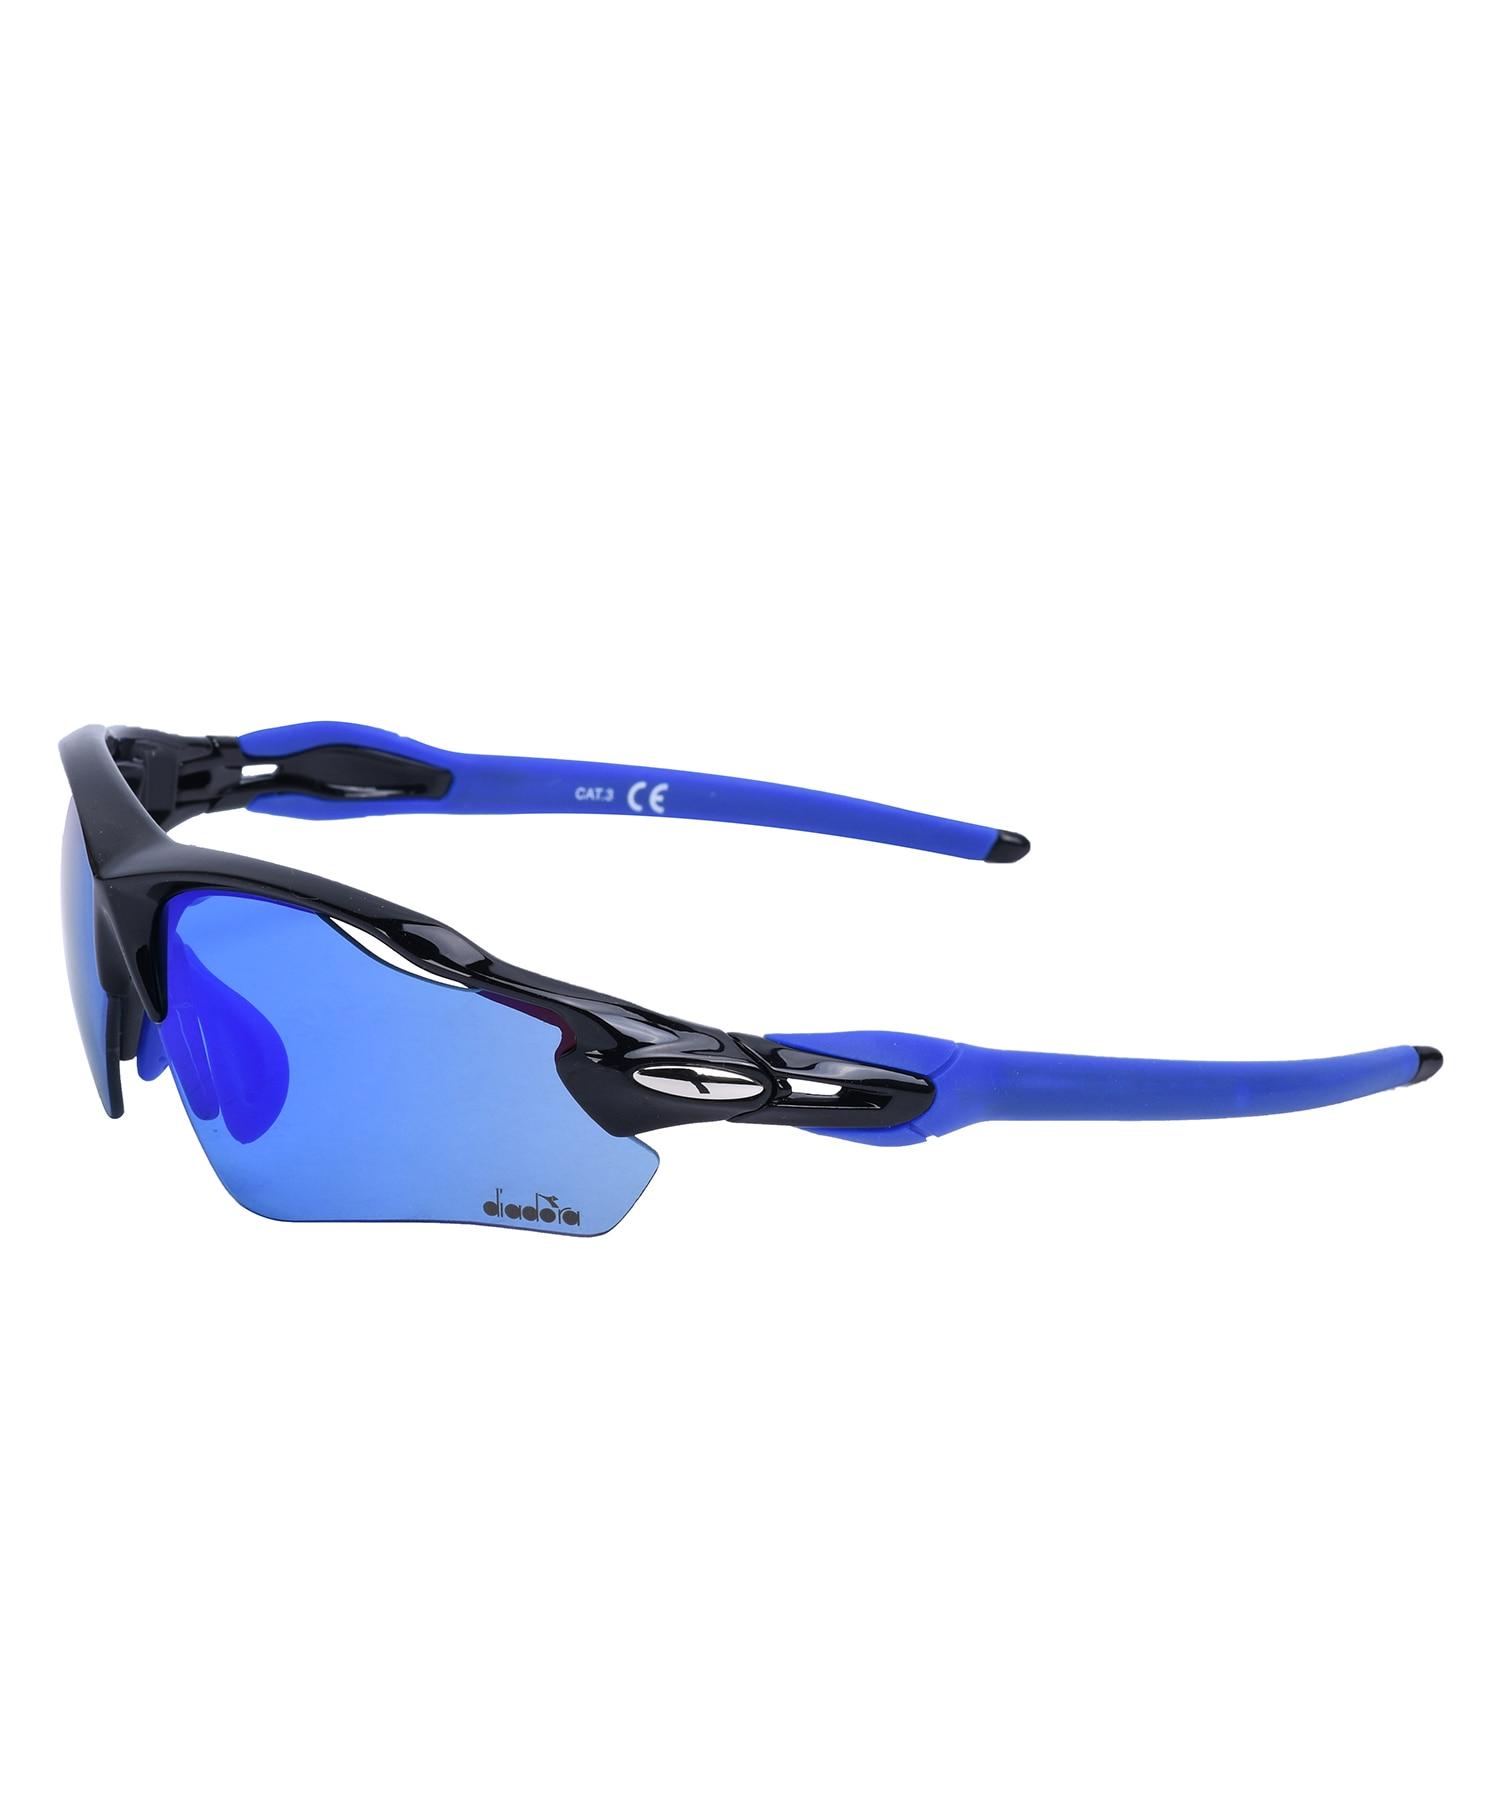 Diadora Multisportbrille